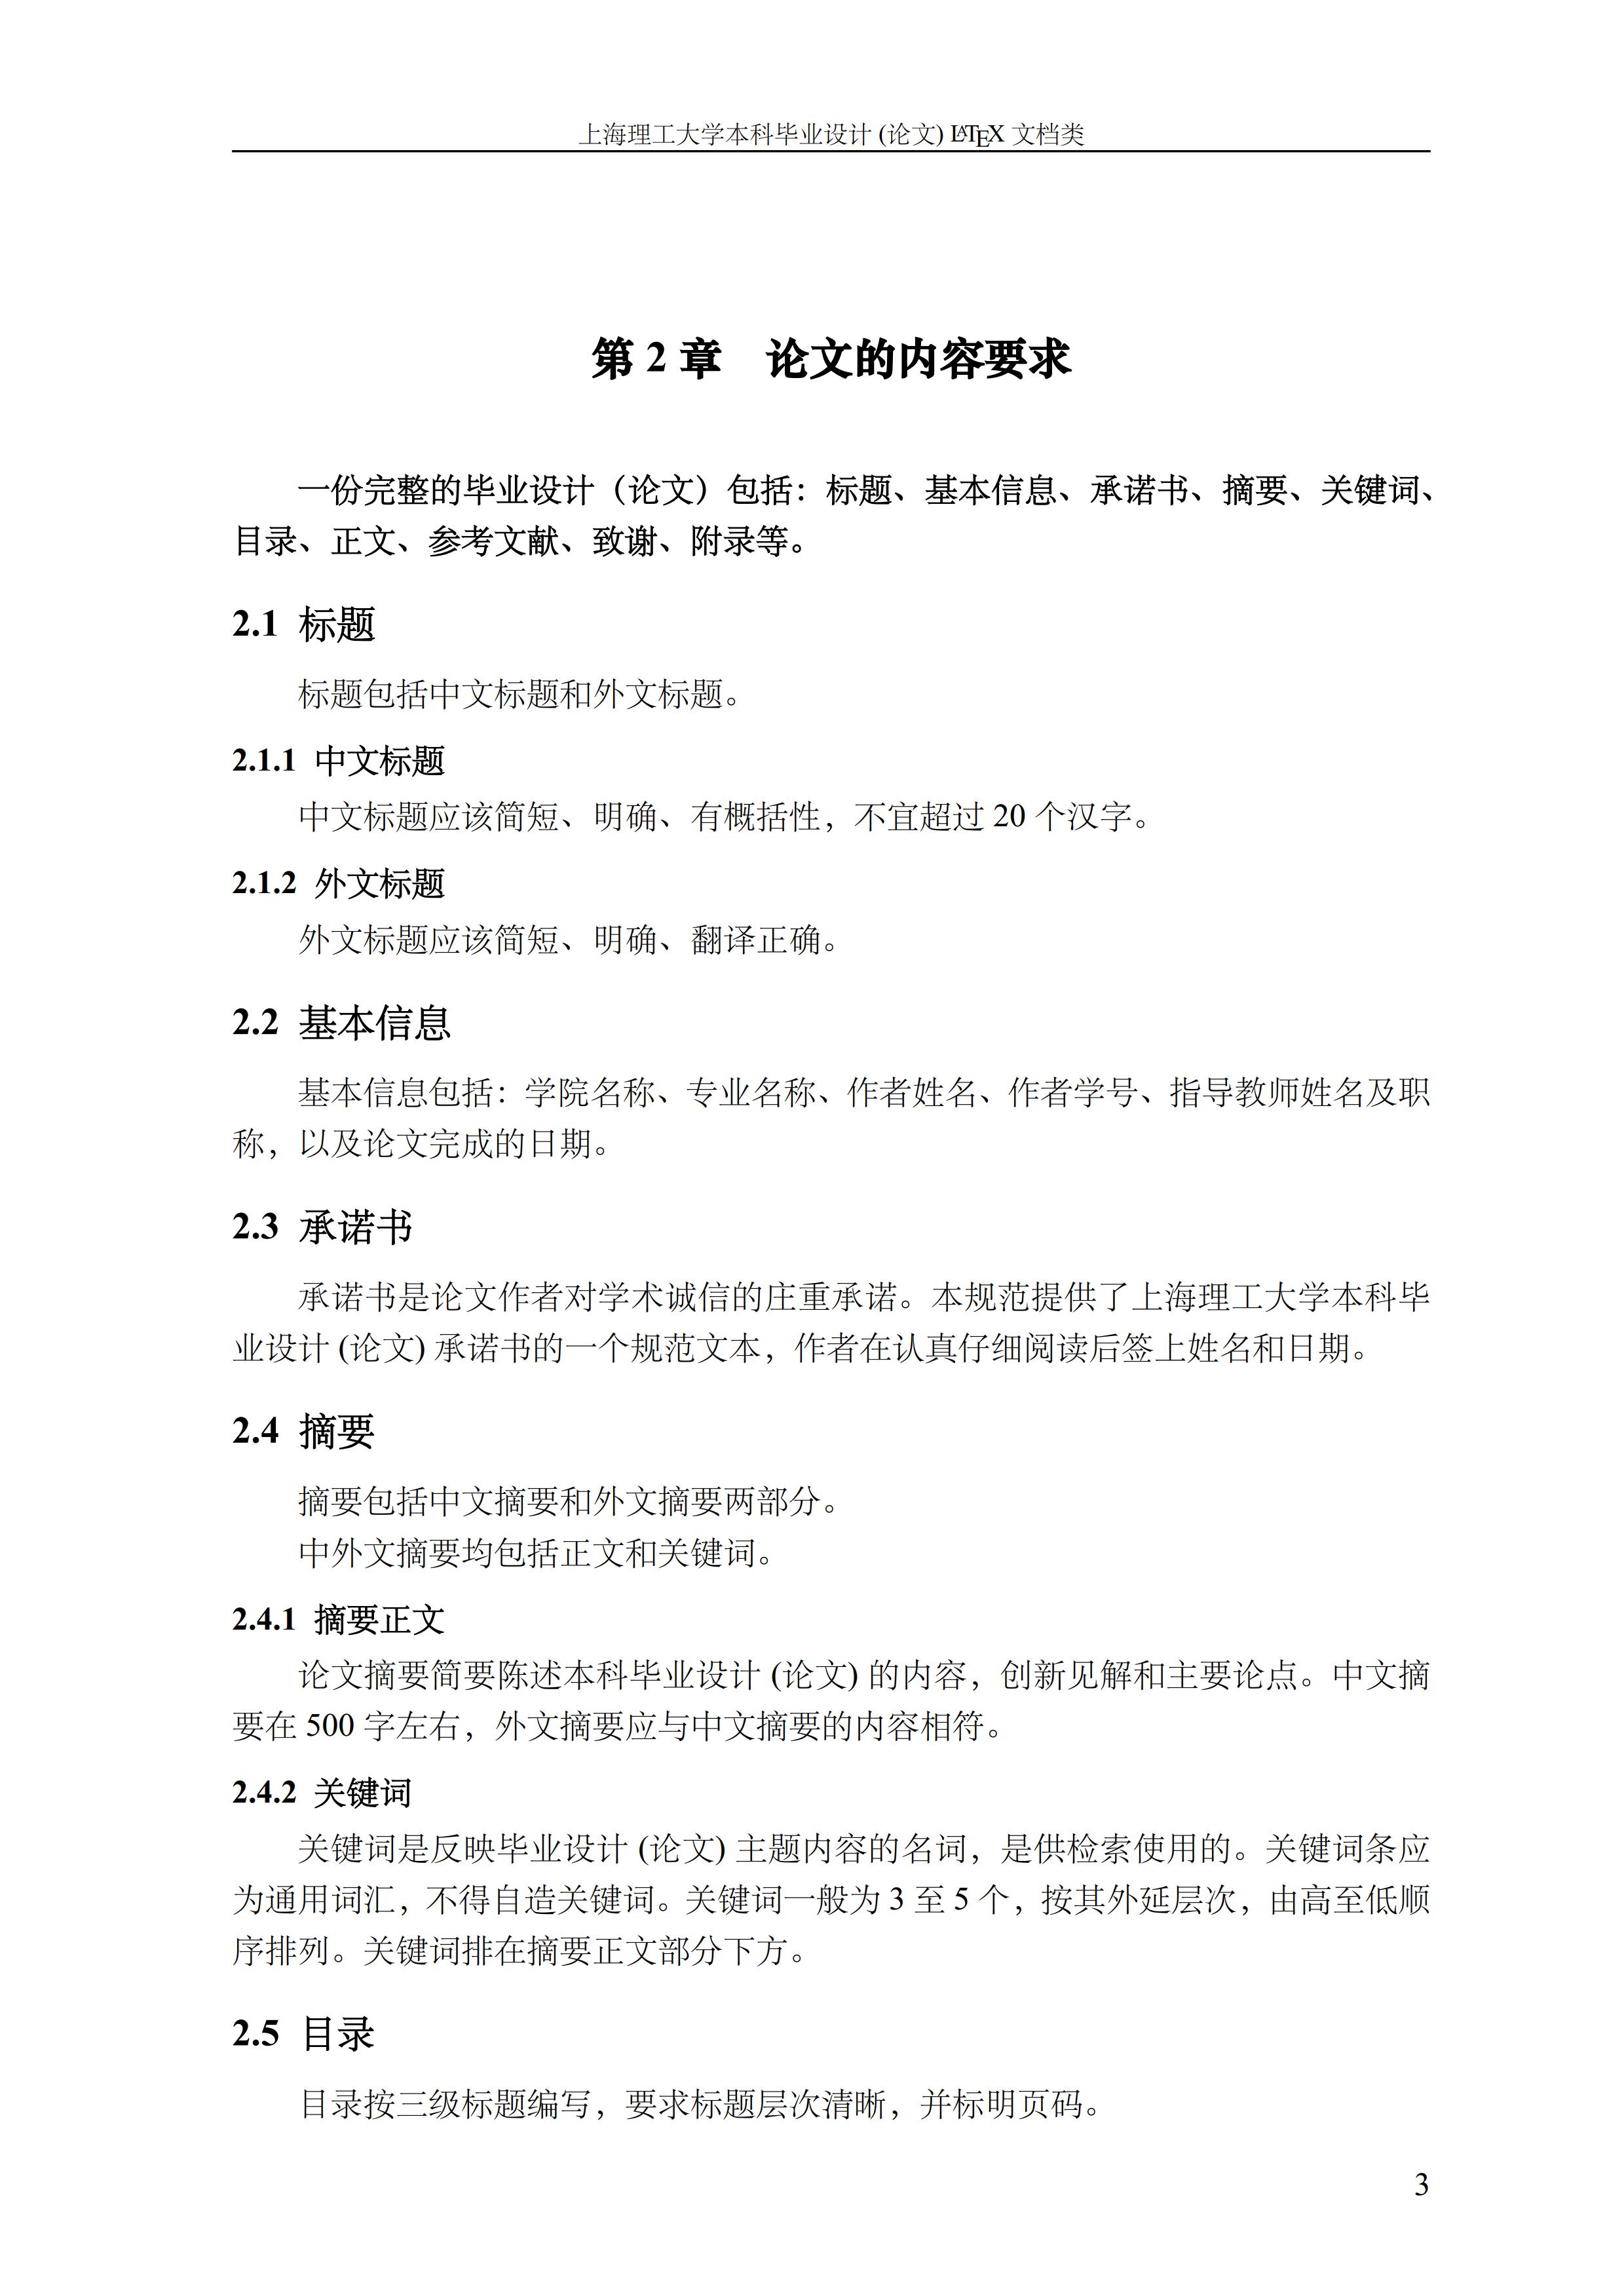 上海理工大学本科毕业论文模板